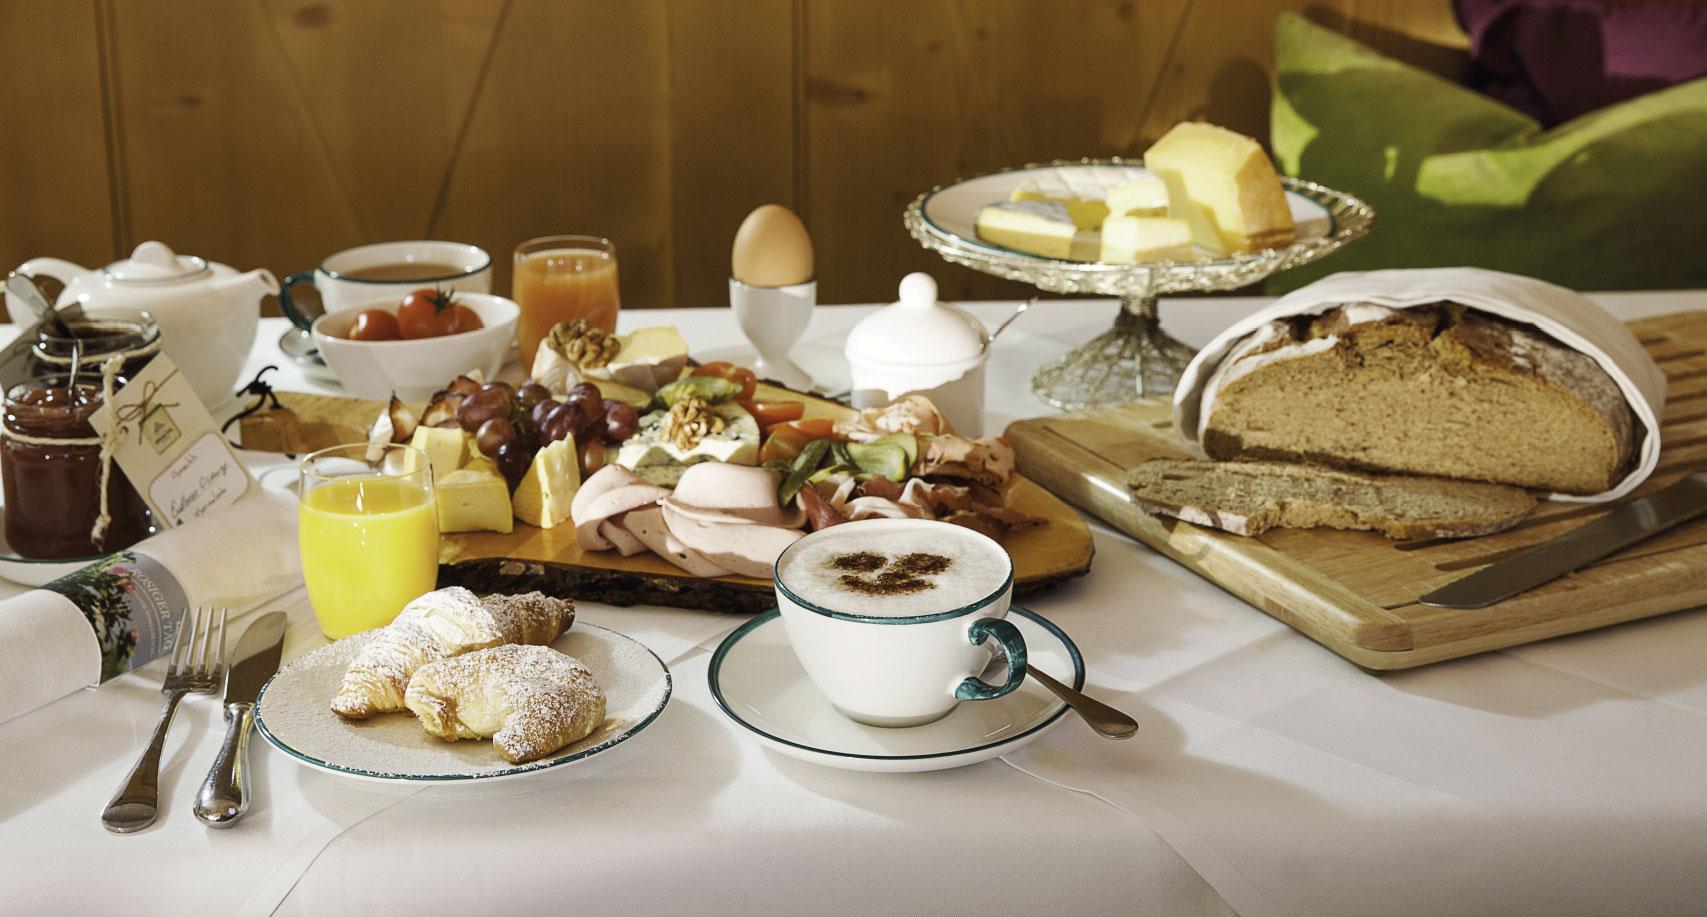 Frühstück mit Croissant, Kaffee, Brot und Obst